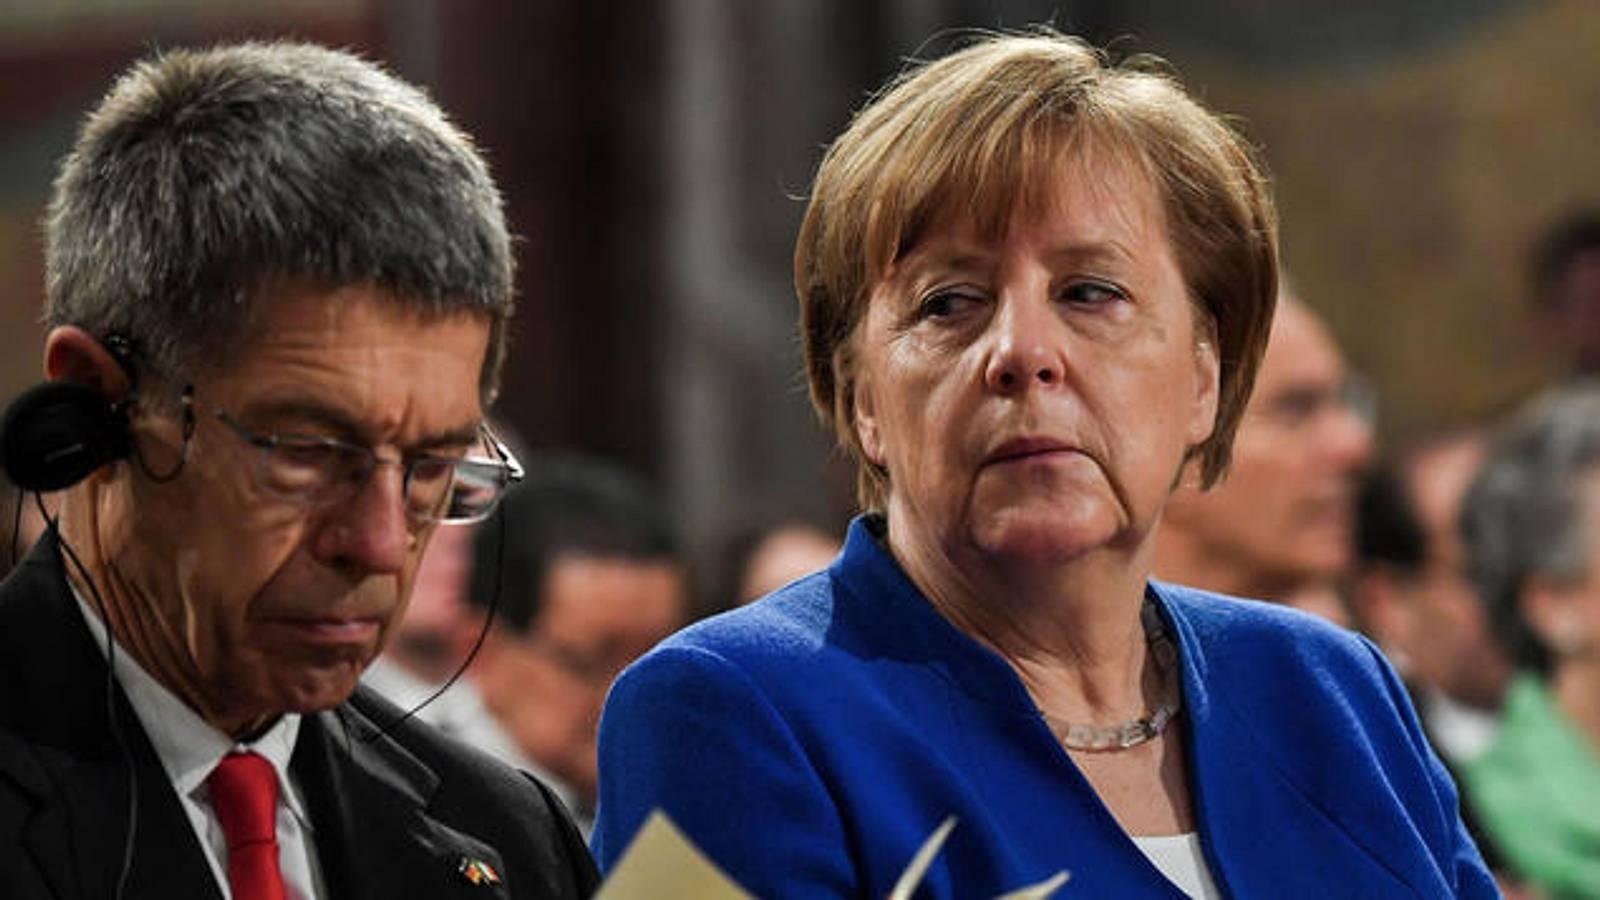 Angela Merkel und Joachim Sauer: Das traurige Geheimnis